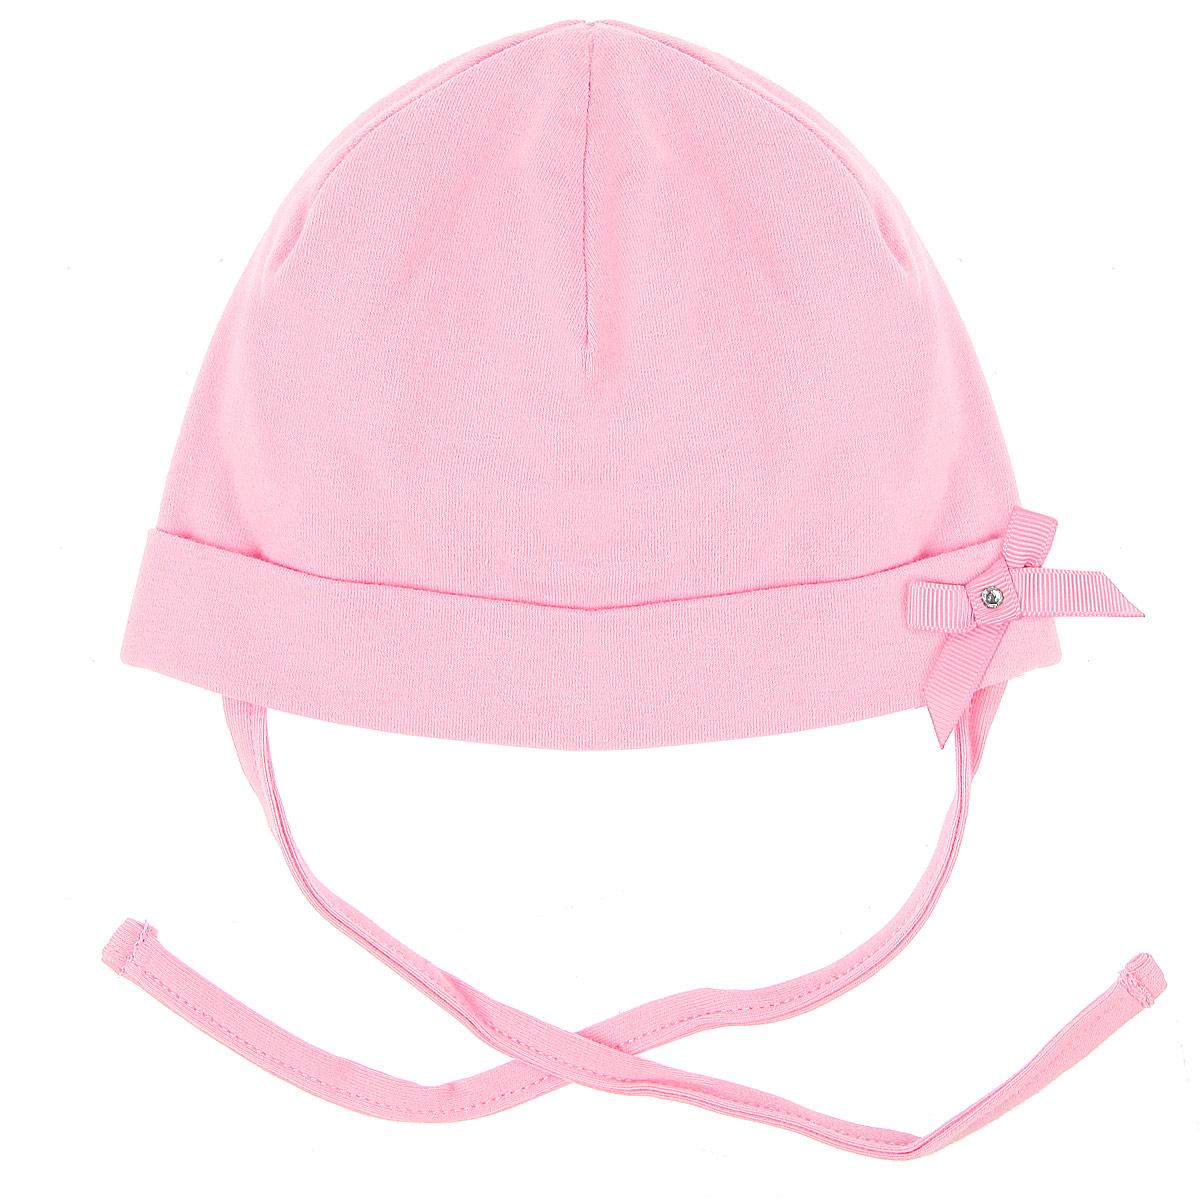 Шапка для девочки. 358030358030Очаровательная шапка для девочки PlayToday Baby прекрасно подойдет для прогулок в ветреную погоду. Изготовленная из эластичного хлопка, она необычайно мягкая и легкая, не раздражает нежную кожу ребенка и хорошо вентилируется. Двухслойная шапочка с отворотом дополнена завязками, которые надежно фиксируют ее на голове малышки. Украшена шапочка атласным бантиком и стразом. Такая шапка станет прекрасным дополнением к гардеробу вашей маленькой модницы!